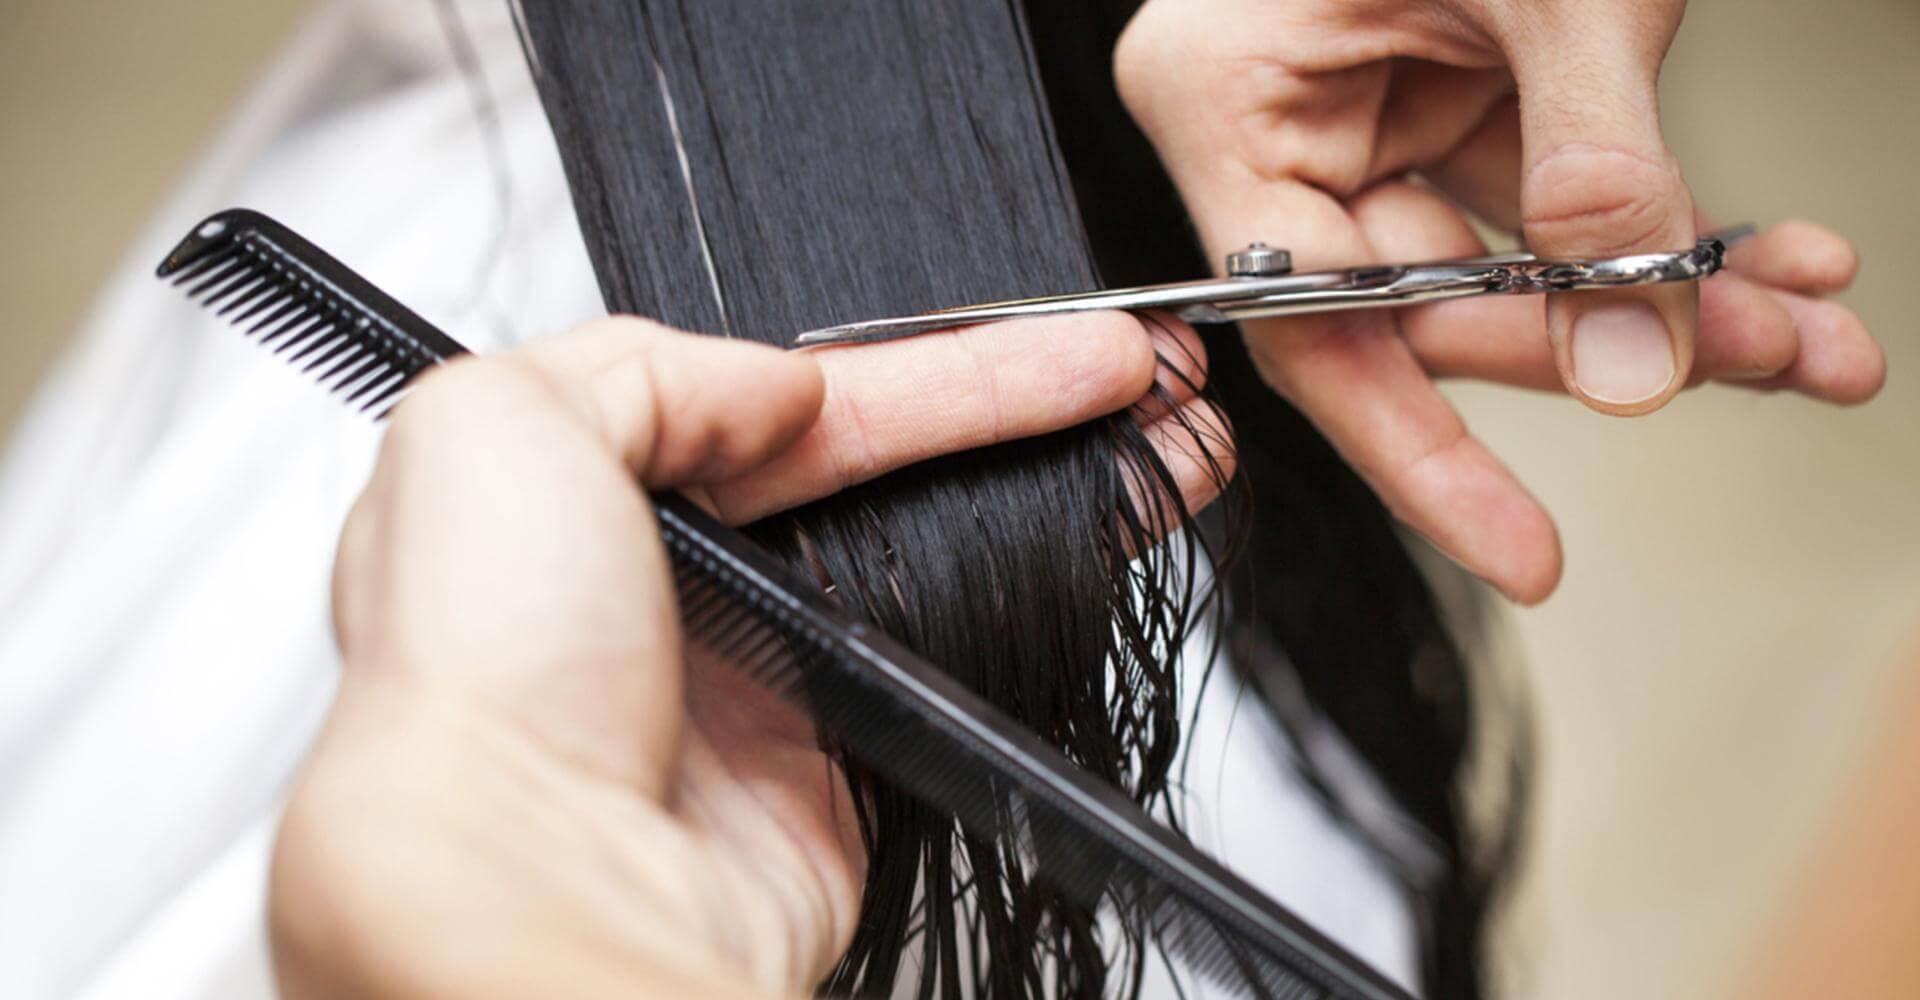 Sinnai (CA): Cercasi Parrucchiere/a apprendista con esperienza nel taglio maschile, applicazione colore e piega